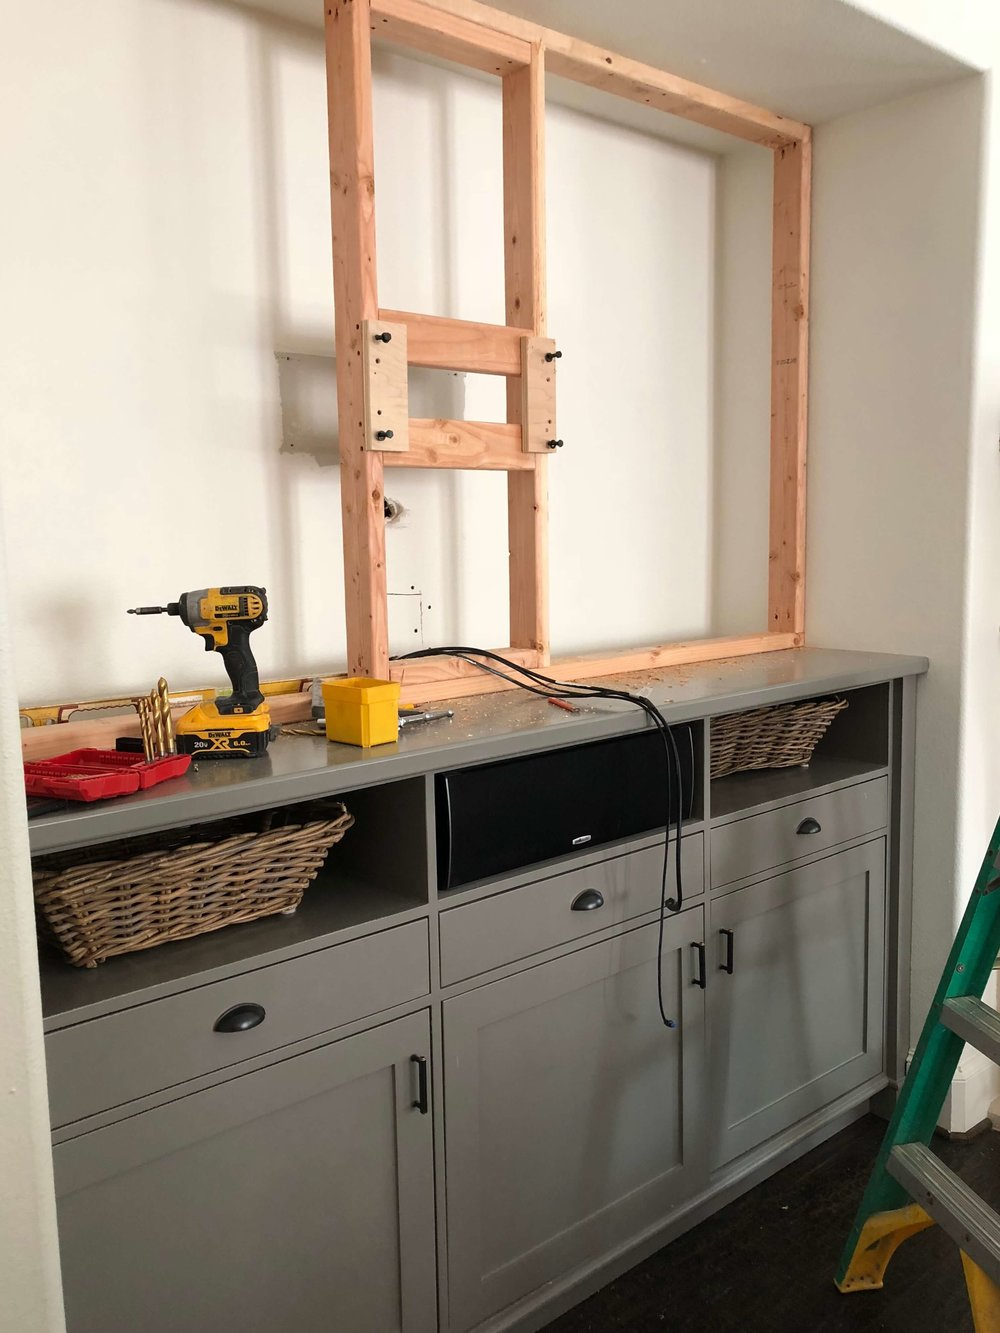 In Progress - TV entertainment center #remodelingideas